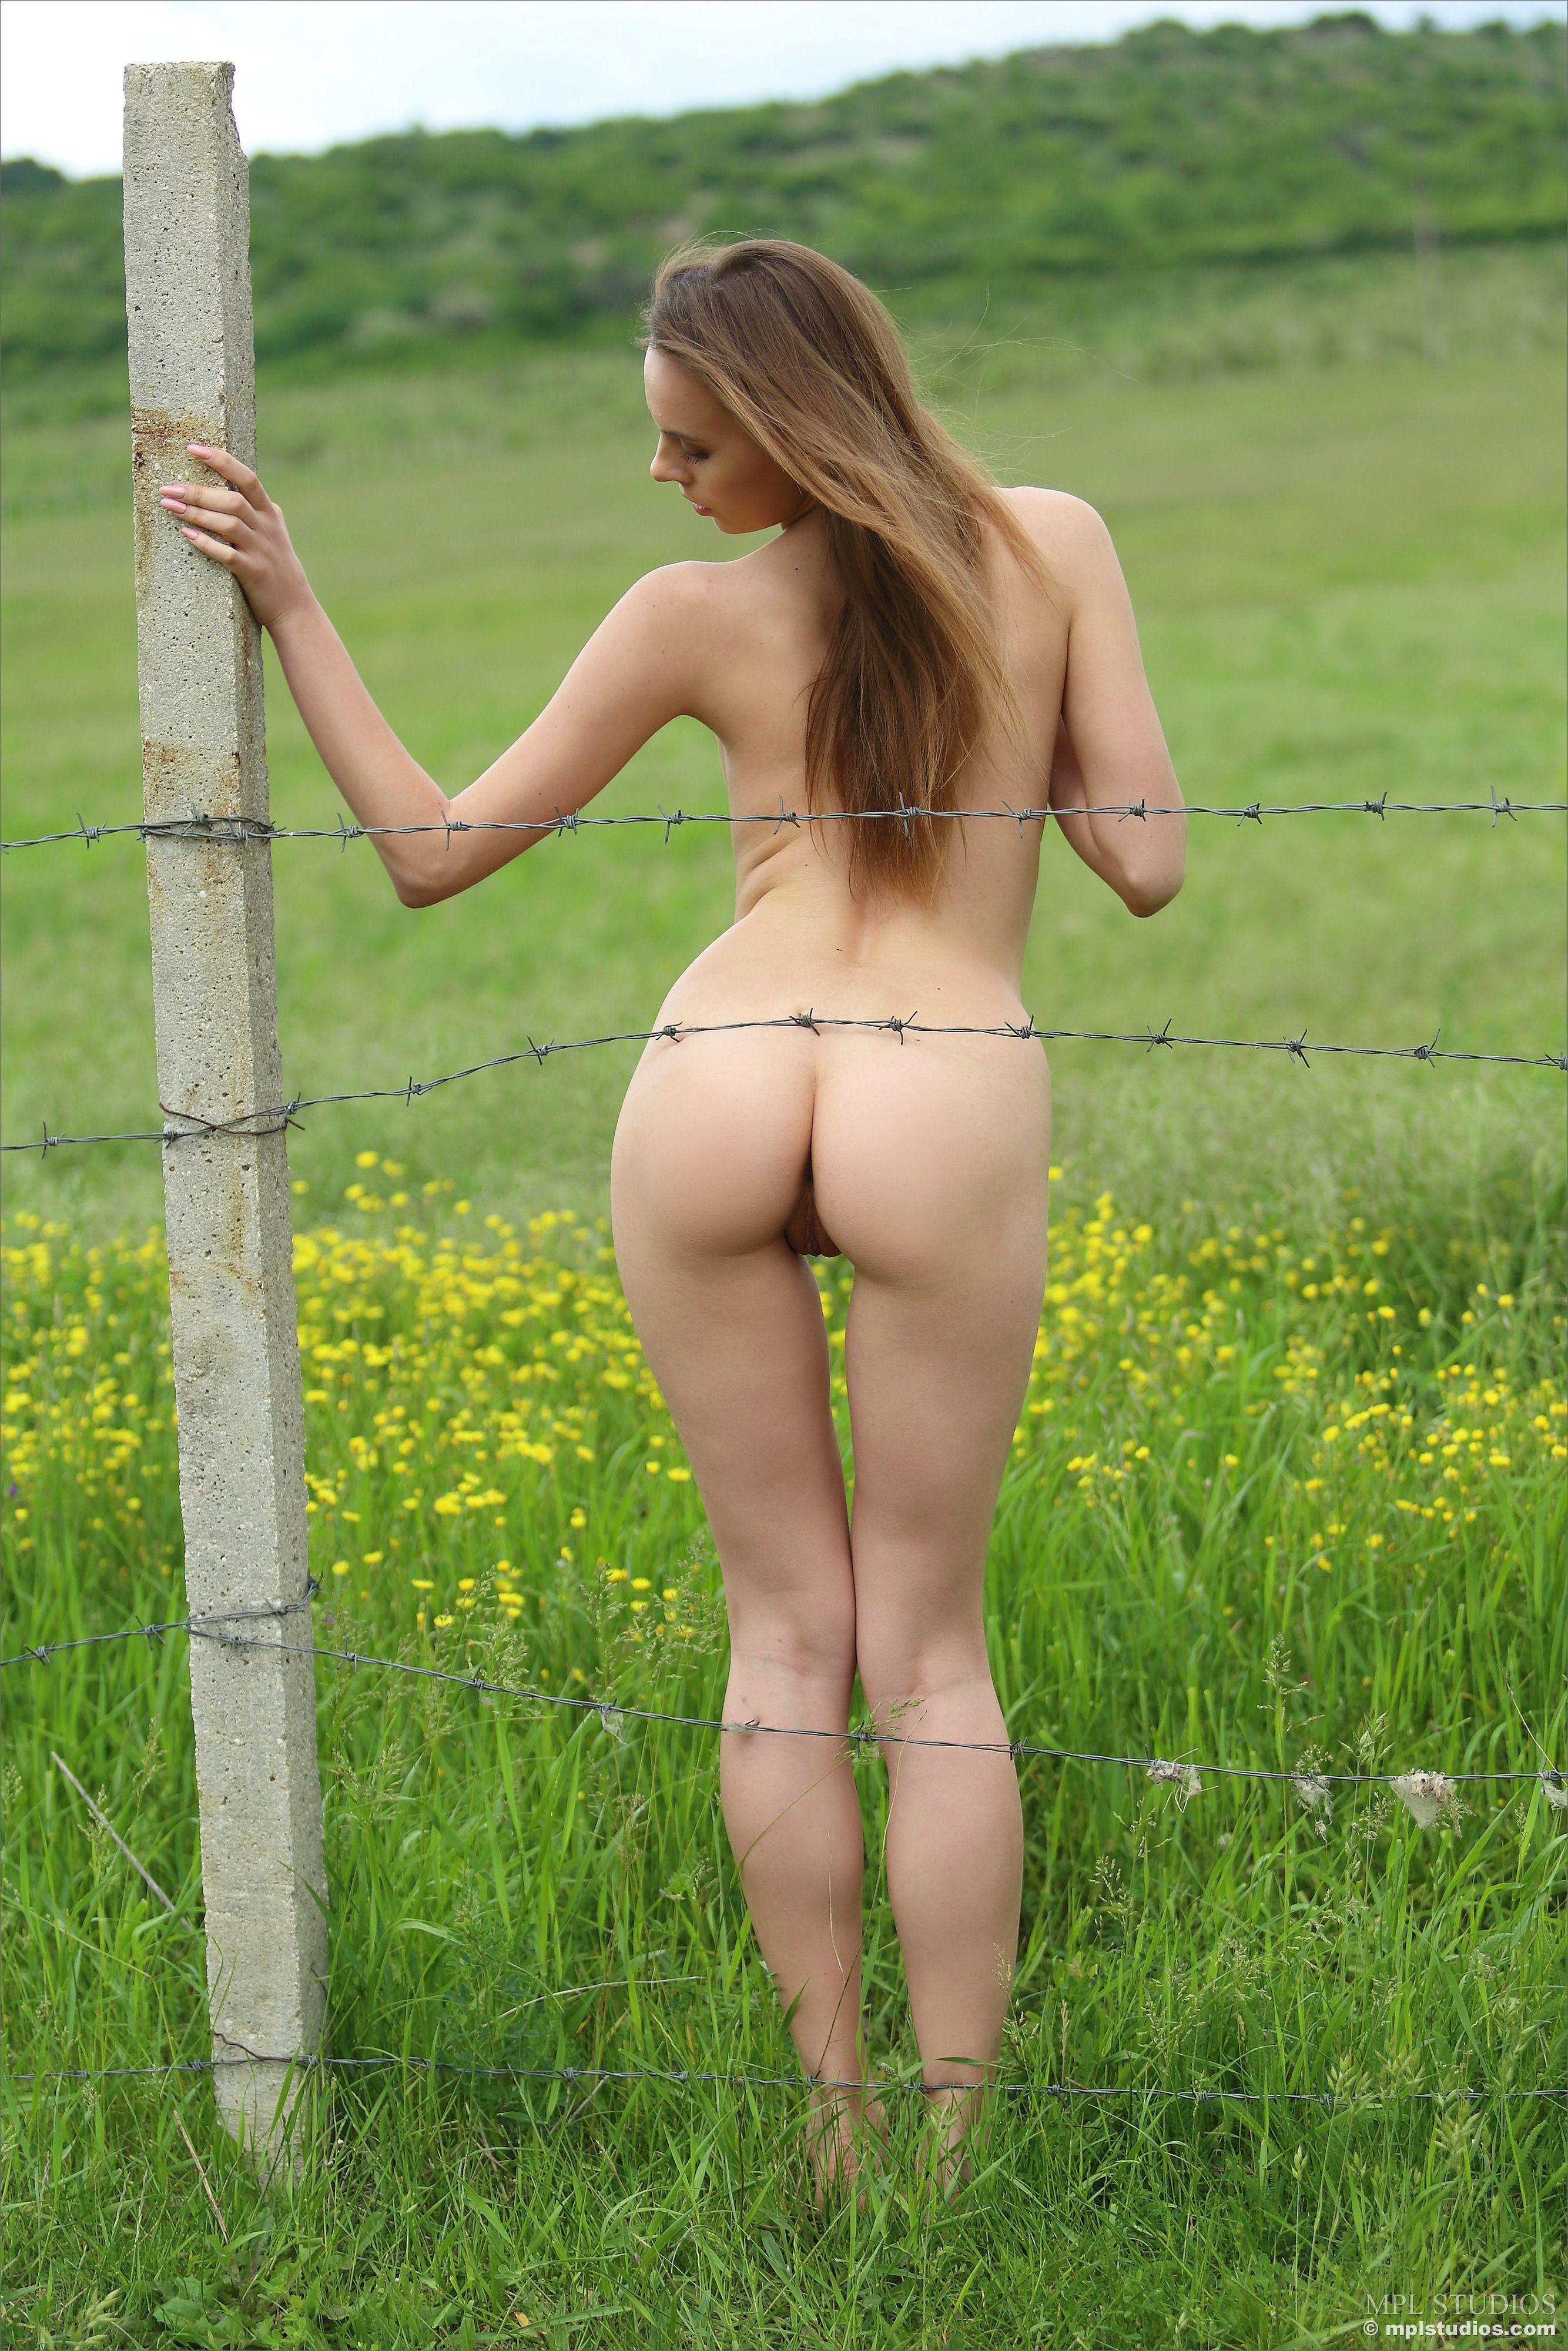 http://i2.imageban.ru/out/2016/09/12/c1cf3fce8a3ae4234ef63779bf6db0f6.jpg